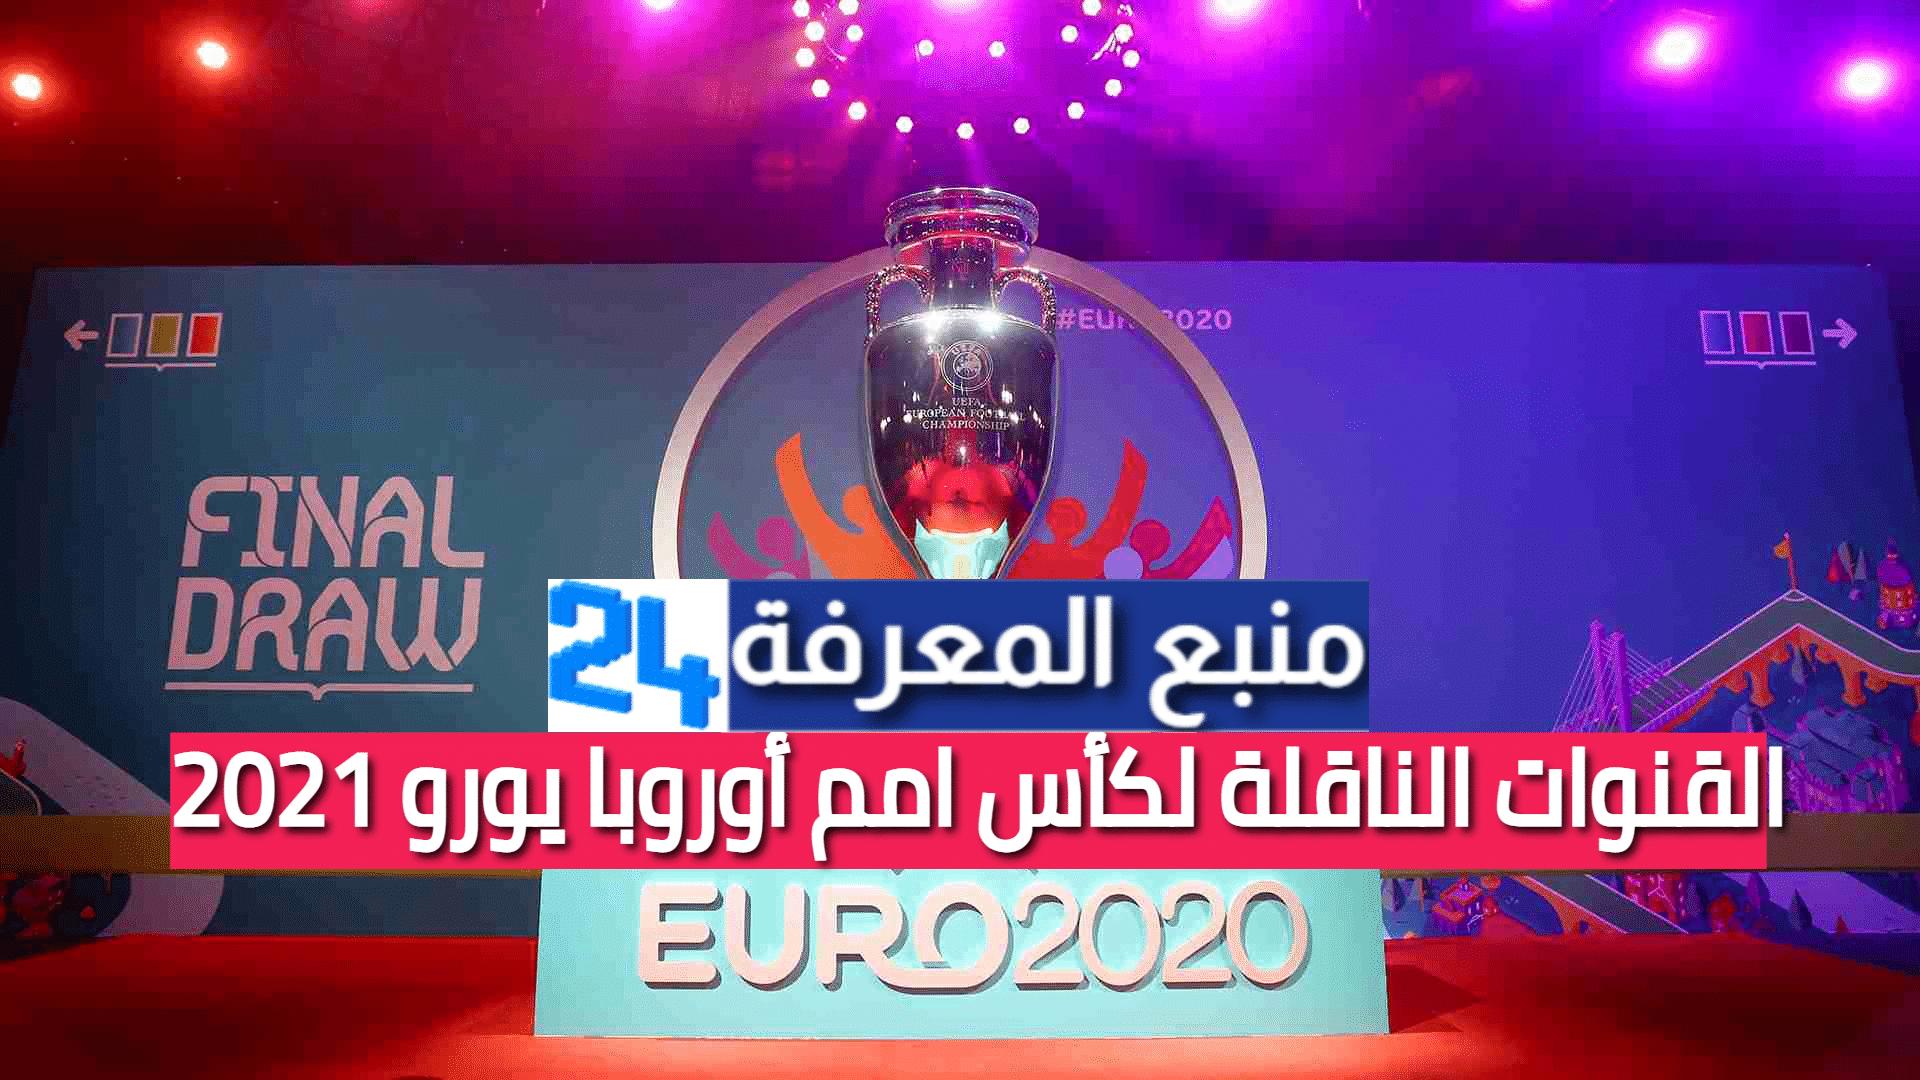 القنوات الناقلة لكأس امم أوروبا يورو 2021 Euro مجانا بدون اشتراك